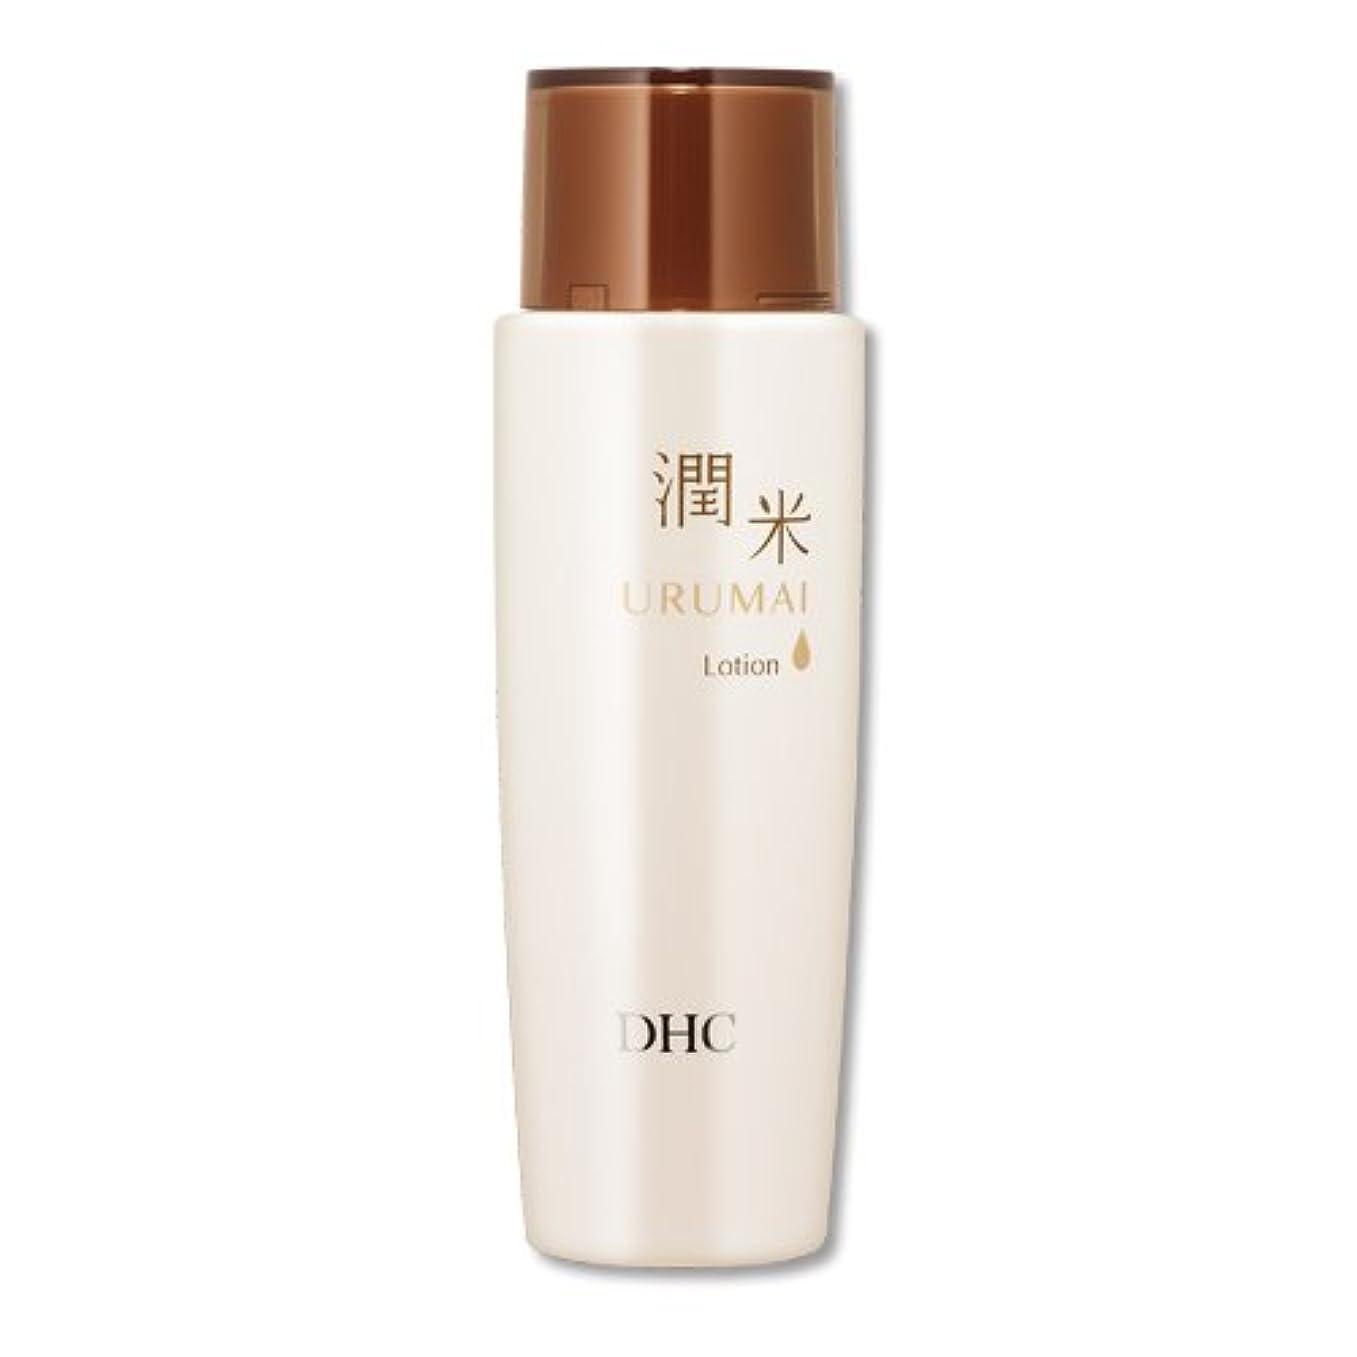 例洗剤ベルベットDHC潤米(URUMAI)ローション